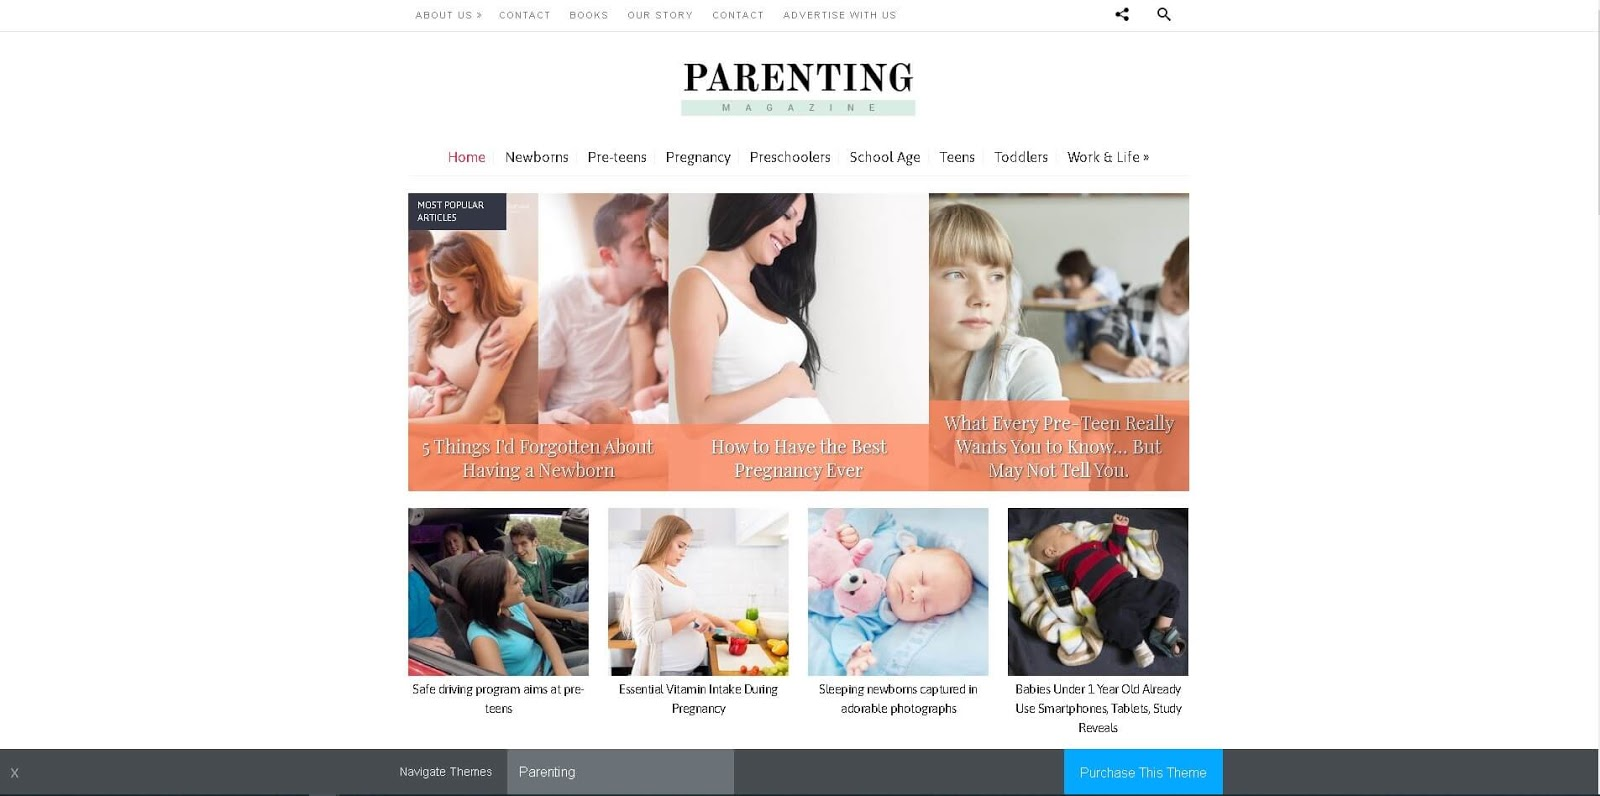 luchshie-temy-dlya-mamskogo-bloga-parenting